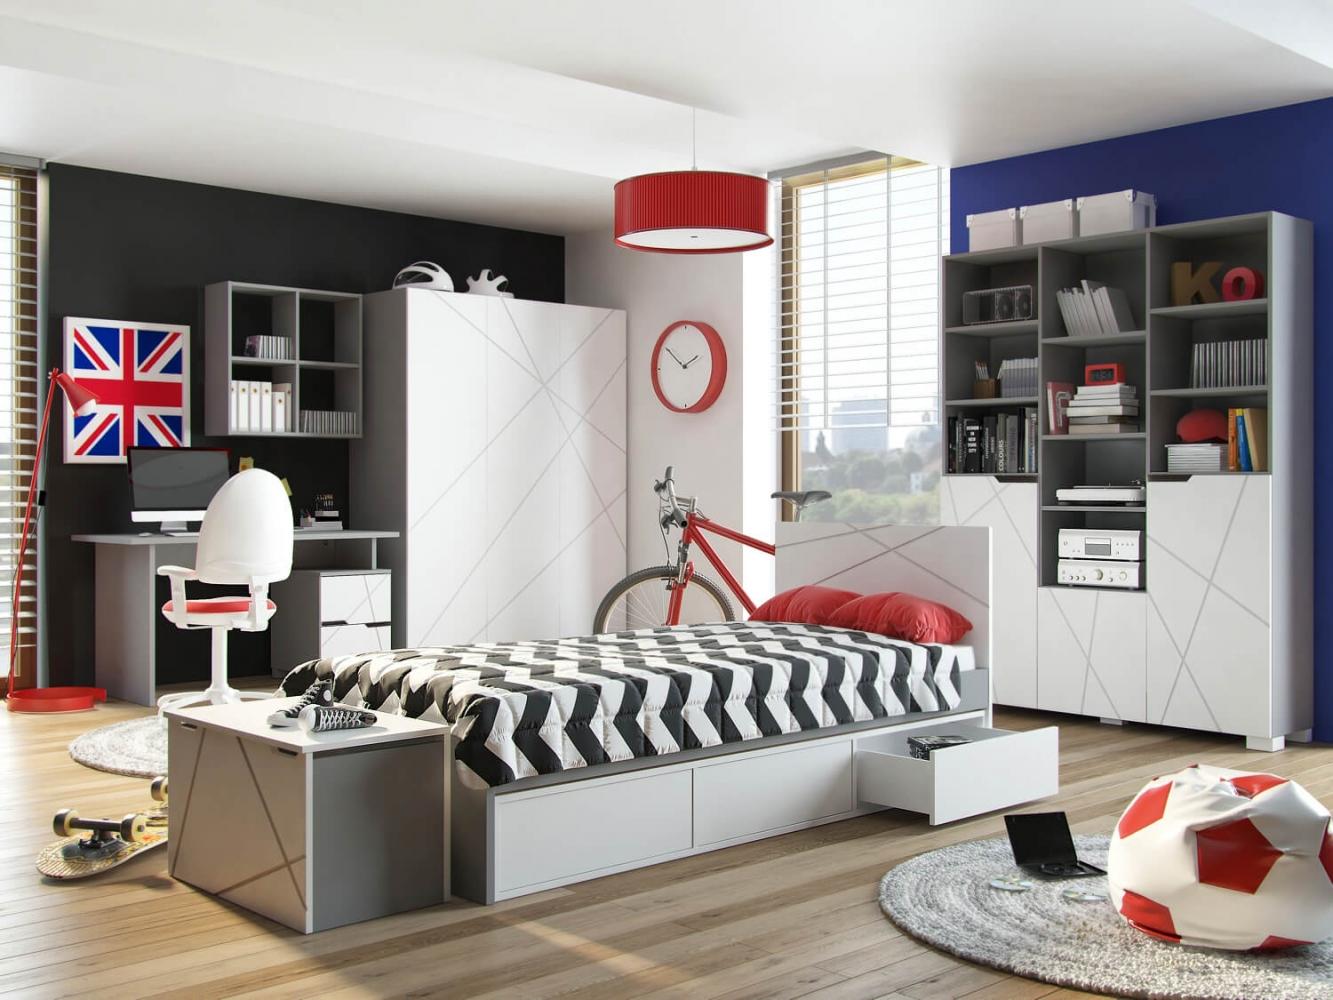 Подбор обоев в комнату для подростков мальчиков и девочек — нюансы